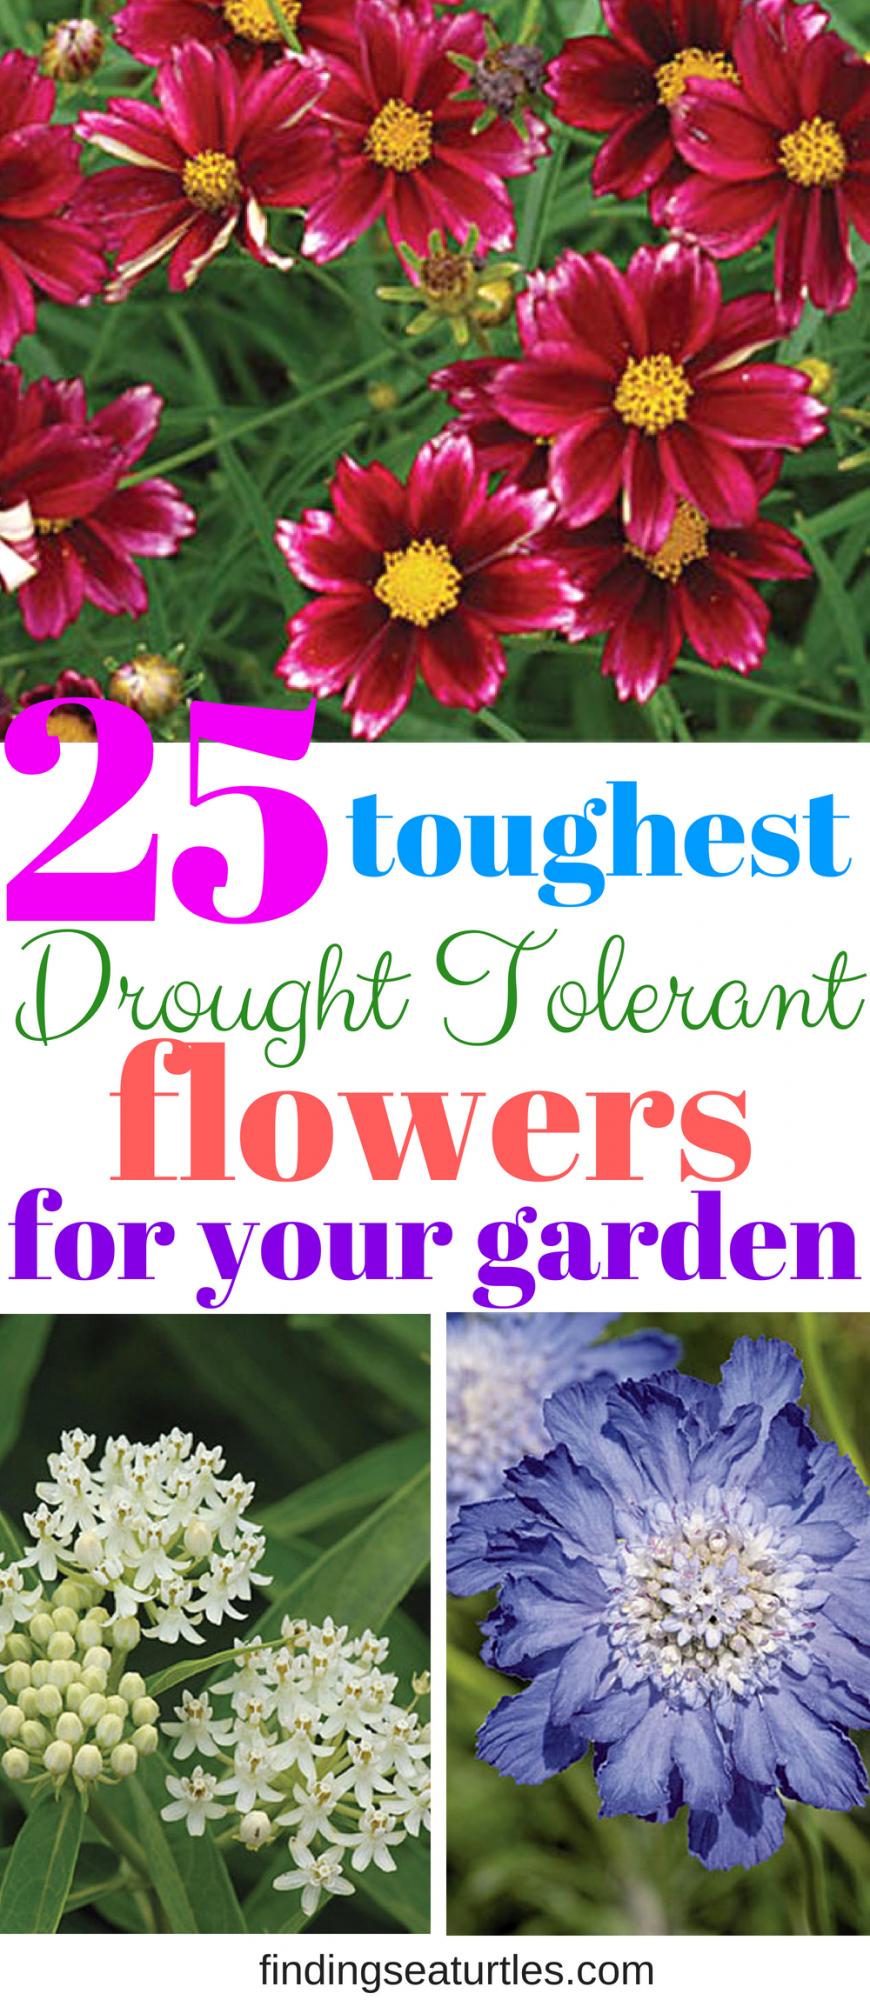 """""""如果您想为您的花园添加颜色,但由于水资源限制或短缺而不愿种植多年生植物,那么请考虑种植抗旱多年生植物。这些是多年生植物,一旦你建立它们,需要较少的频繁浇水。一些多年生植物要求阅读更多"""